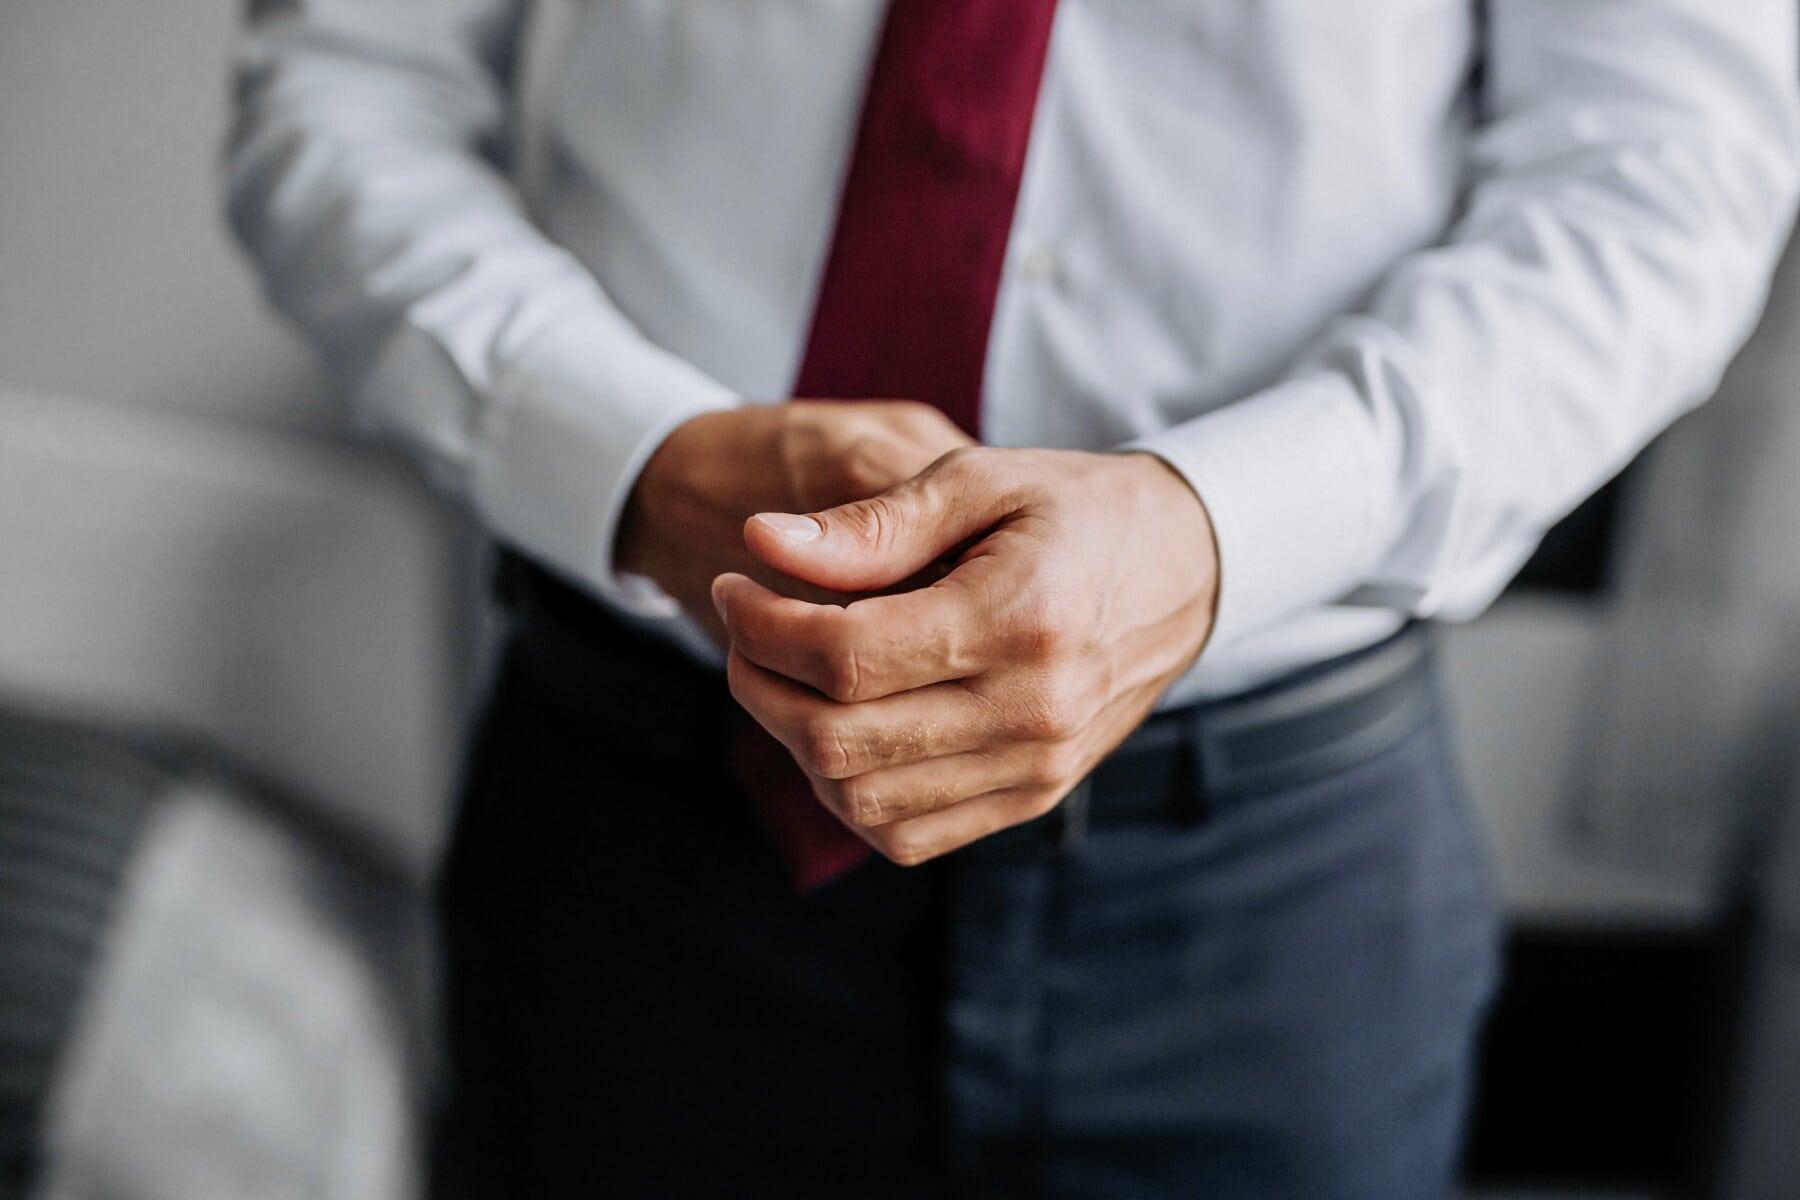 hezký, ruka, košile, prst, podnikatel, smoking oblek, kravata, kalhoty, muž, obchodní